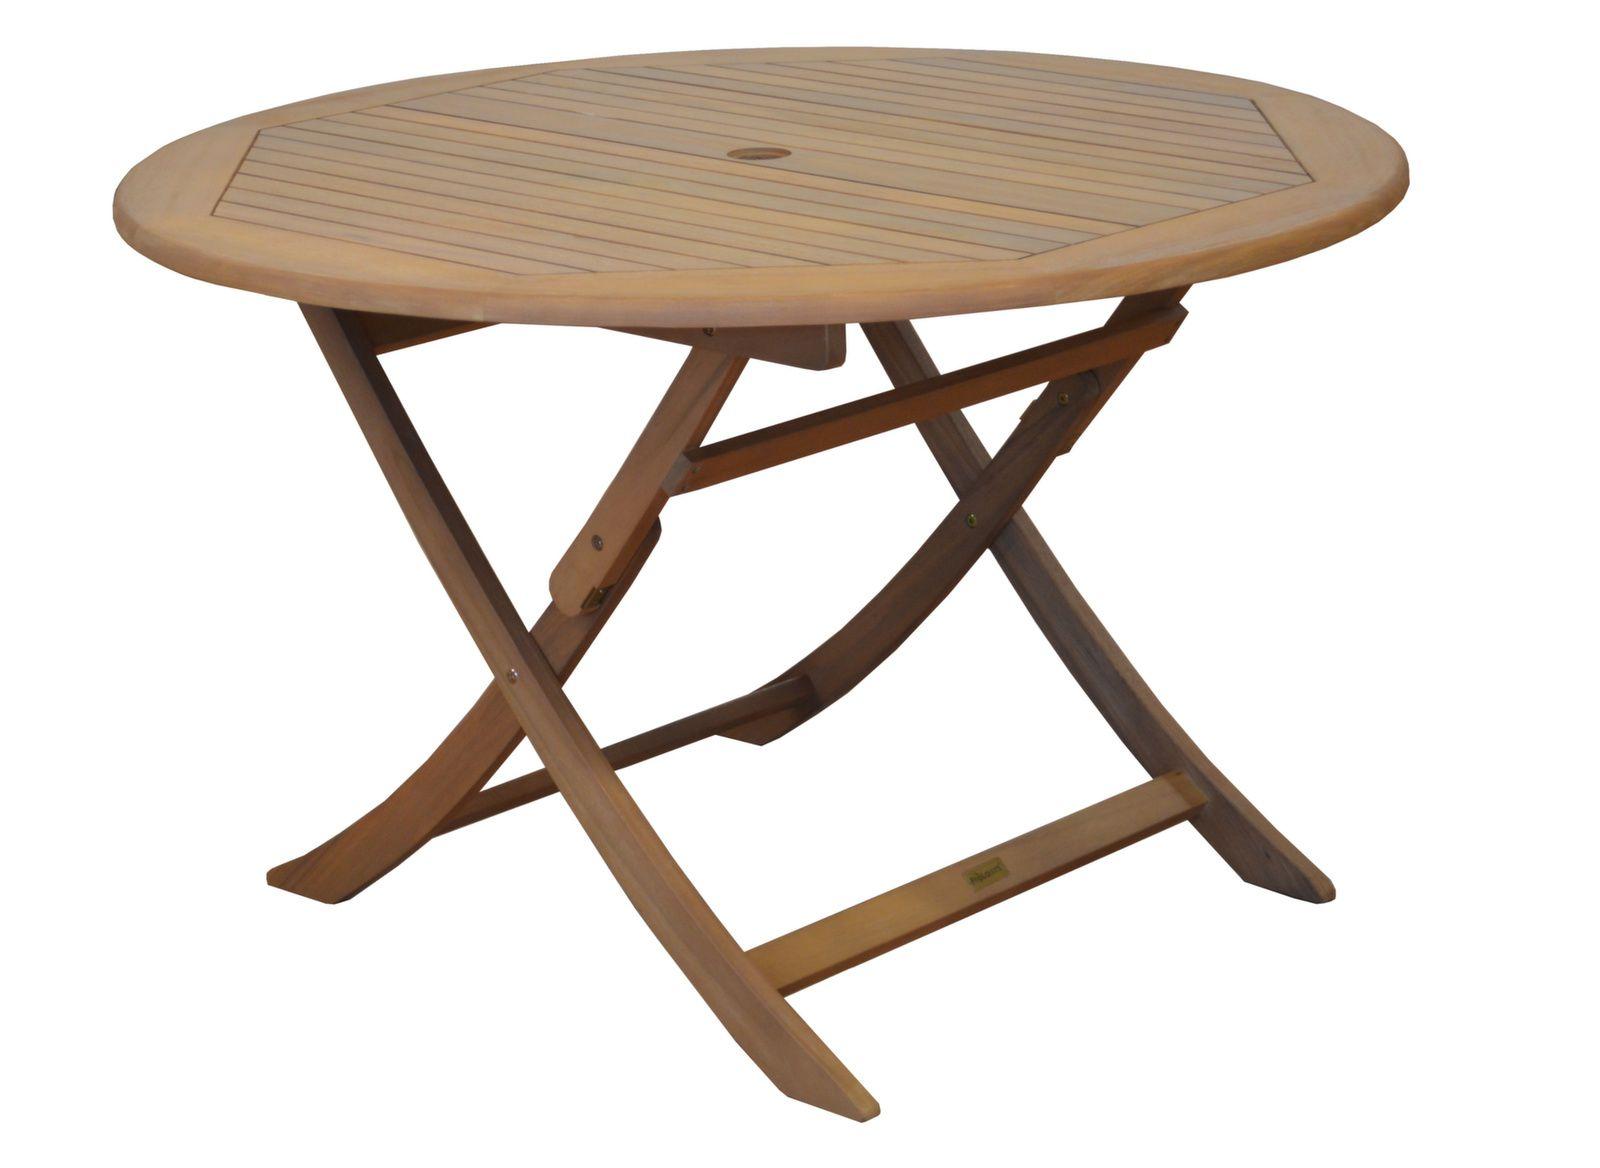 table de jardin ronde sophie 120cm gamme aliz proloisirs. Black Bedroom Furniture Sets. Home Design Ideas